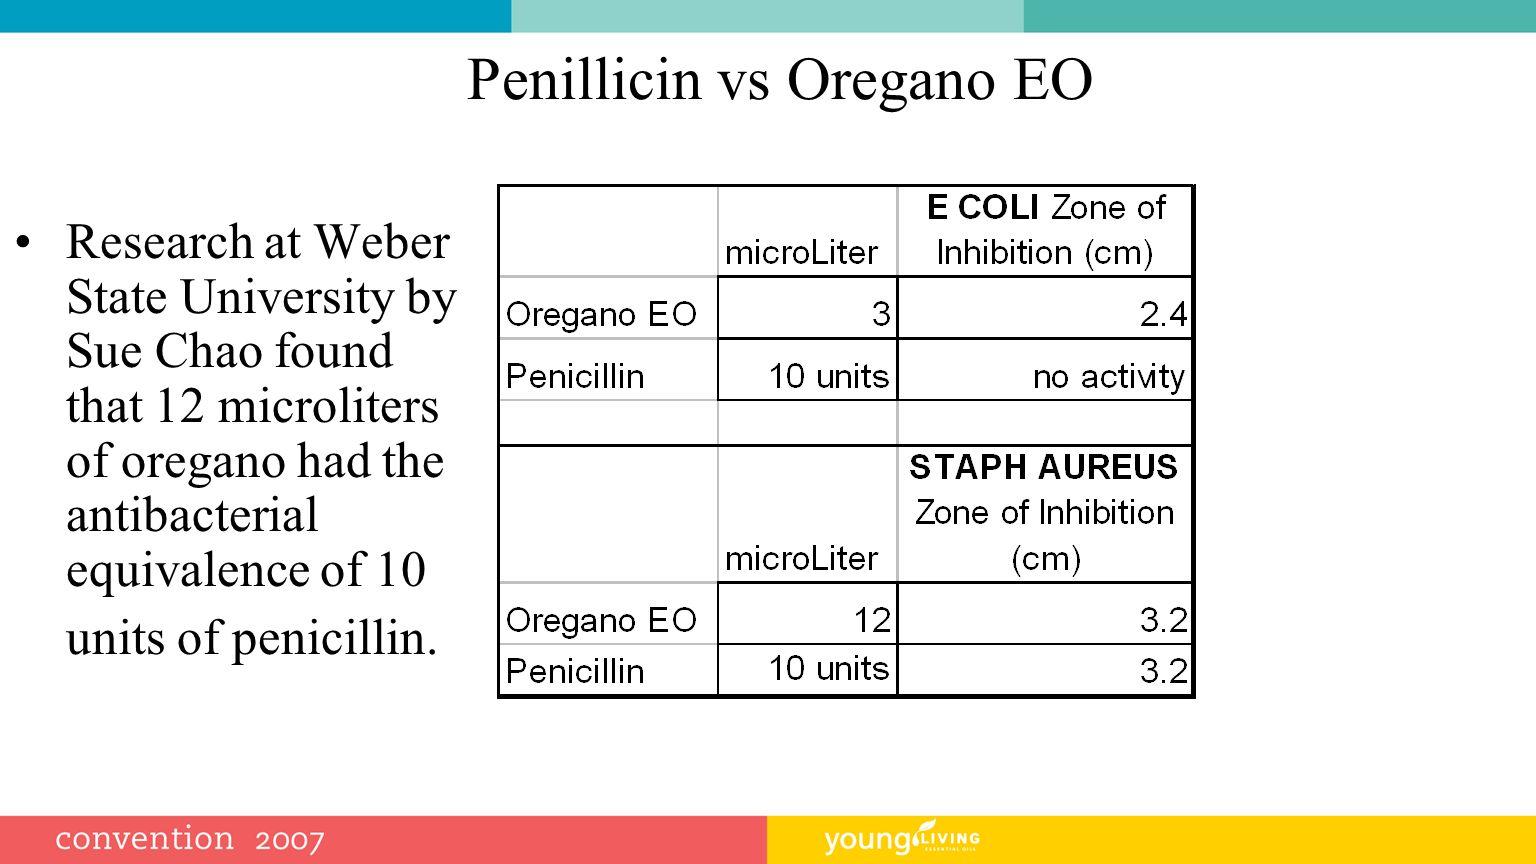 Penillicin vs Oregano EO